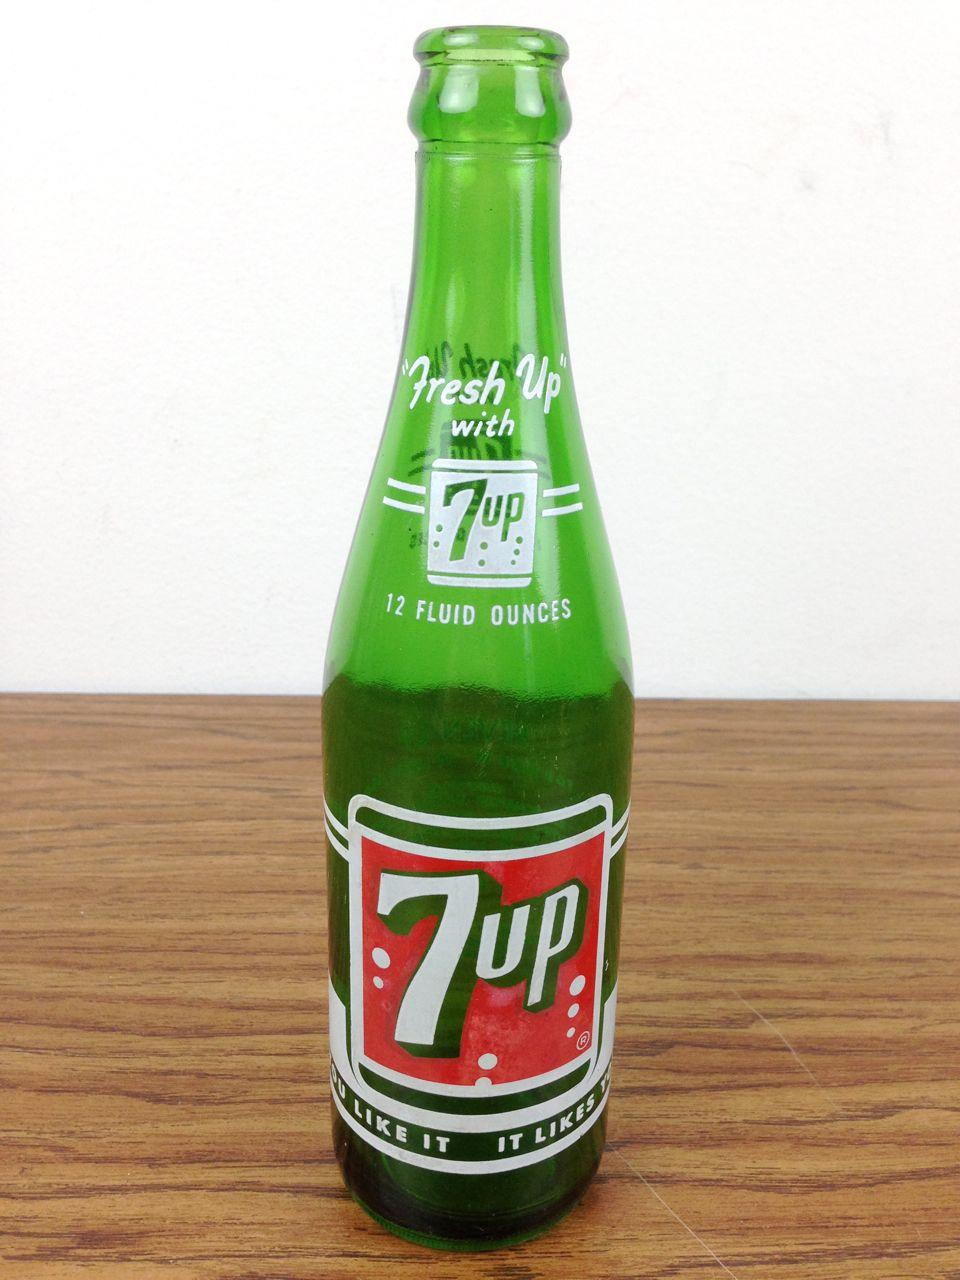 dating 7 up bottles The seven-up bottling company of southwest virginia began operations on the raven highway in richlands, va 9oz mission beverages bottle dated 1947.